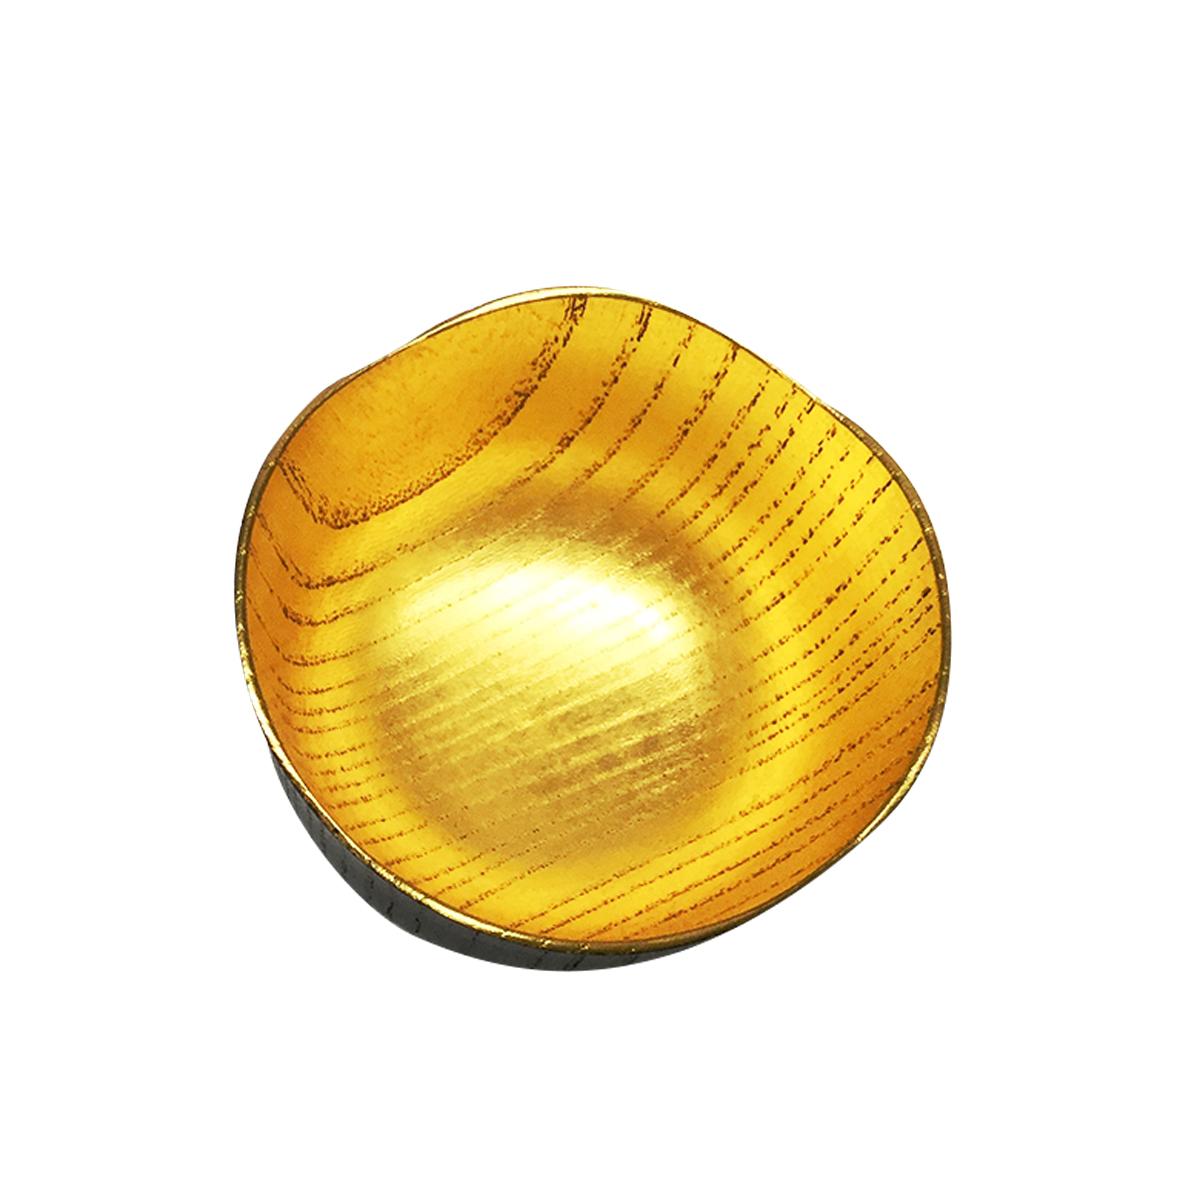 花びら黄金呑み 〔直径62mm×高さ48mm〕 ぐい呑み 酒器 和食器 京都 五明